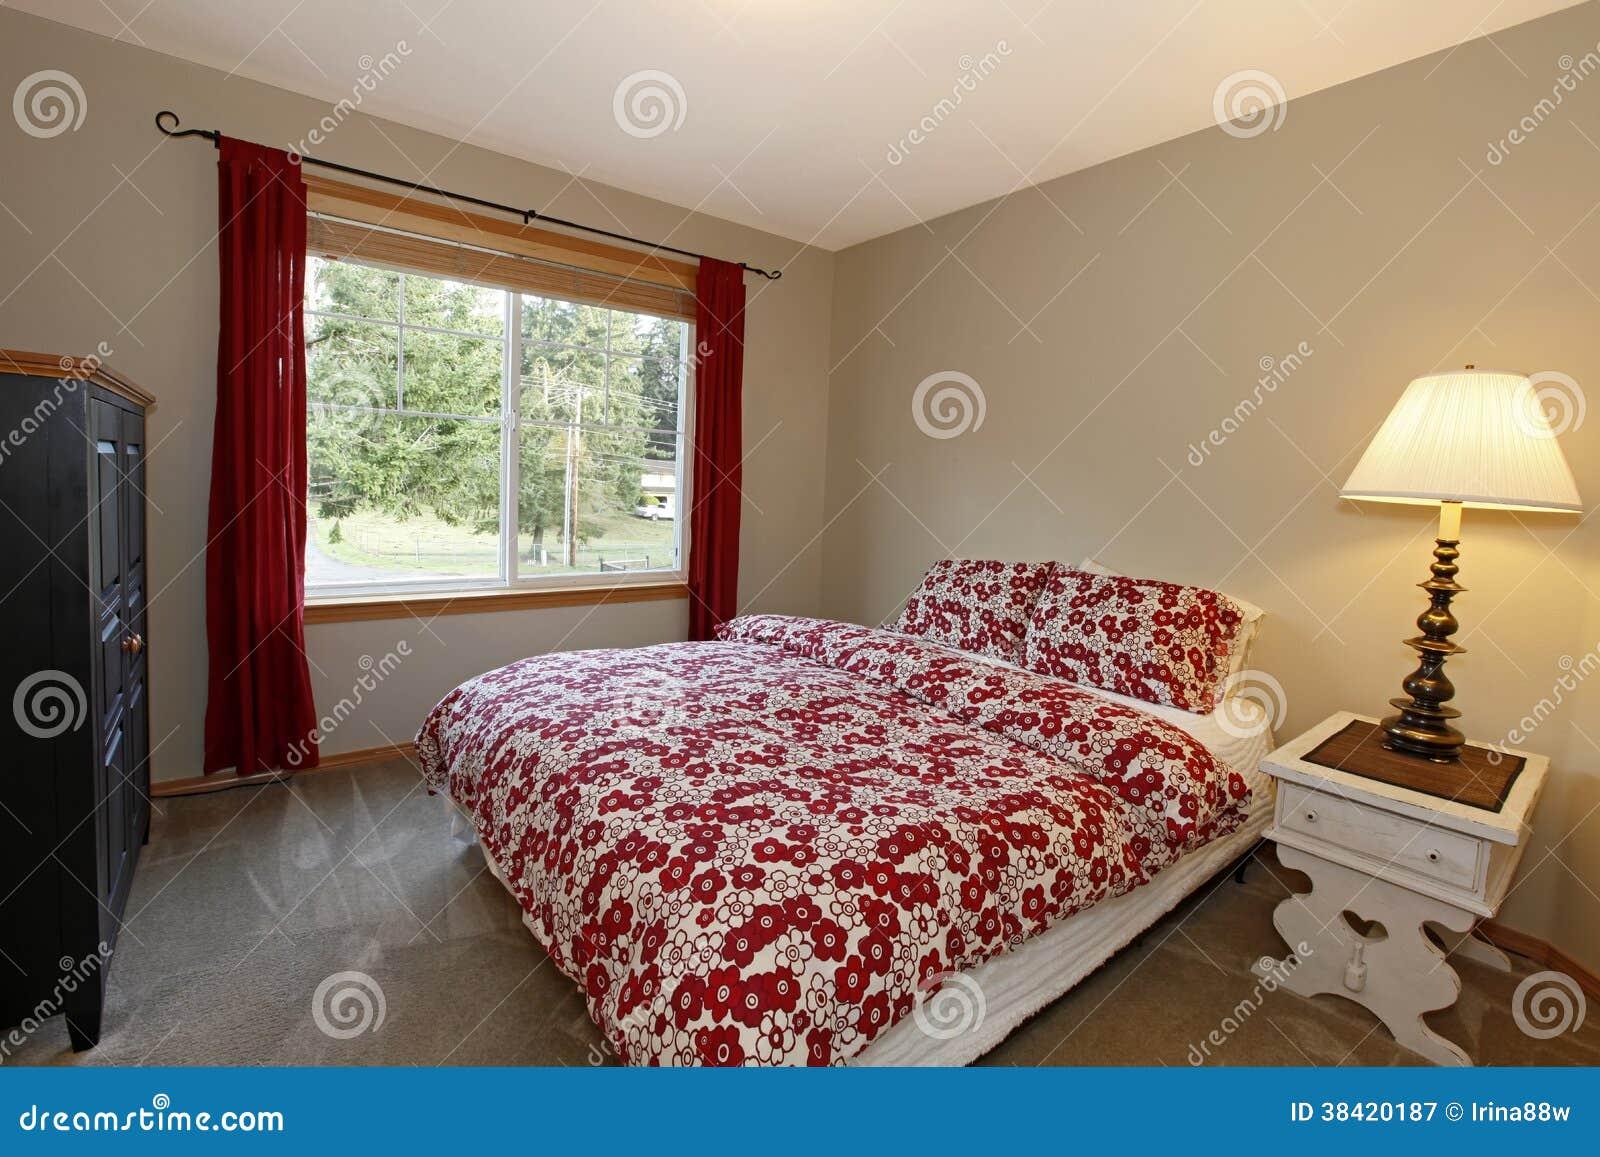 Camera da letto con il letto rosso e le pareti marroni for Pareti azzurre camera da letto